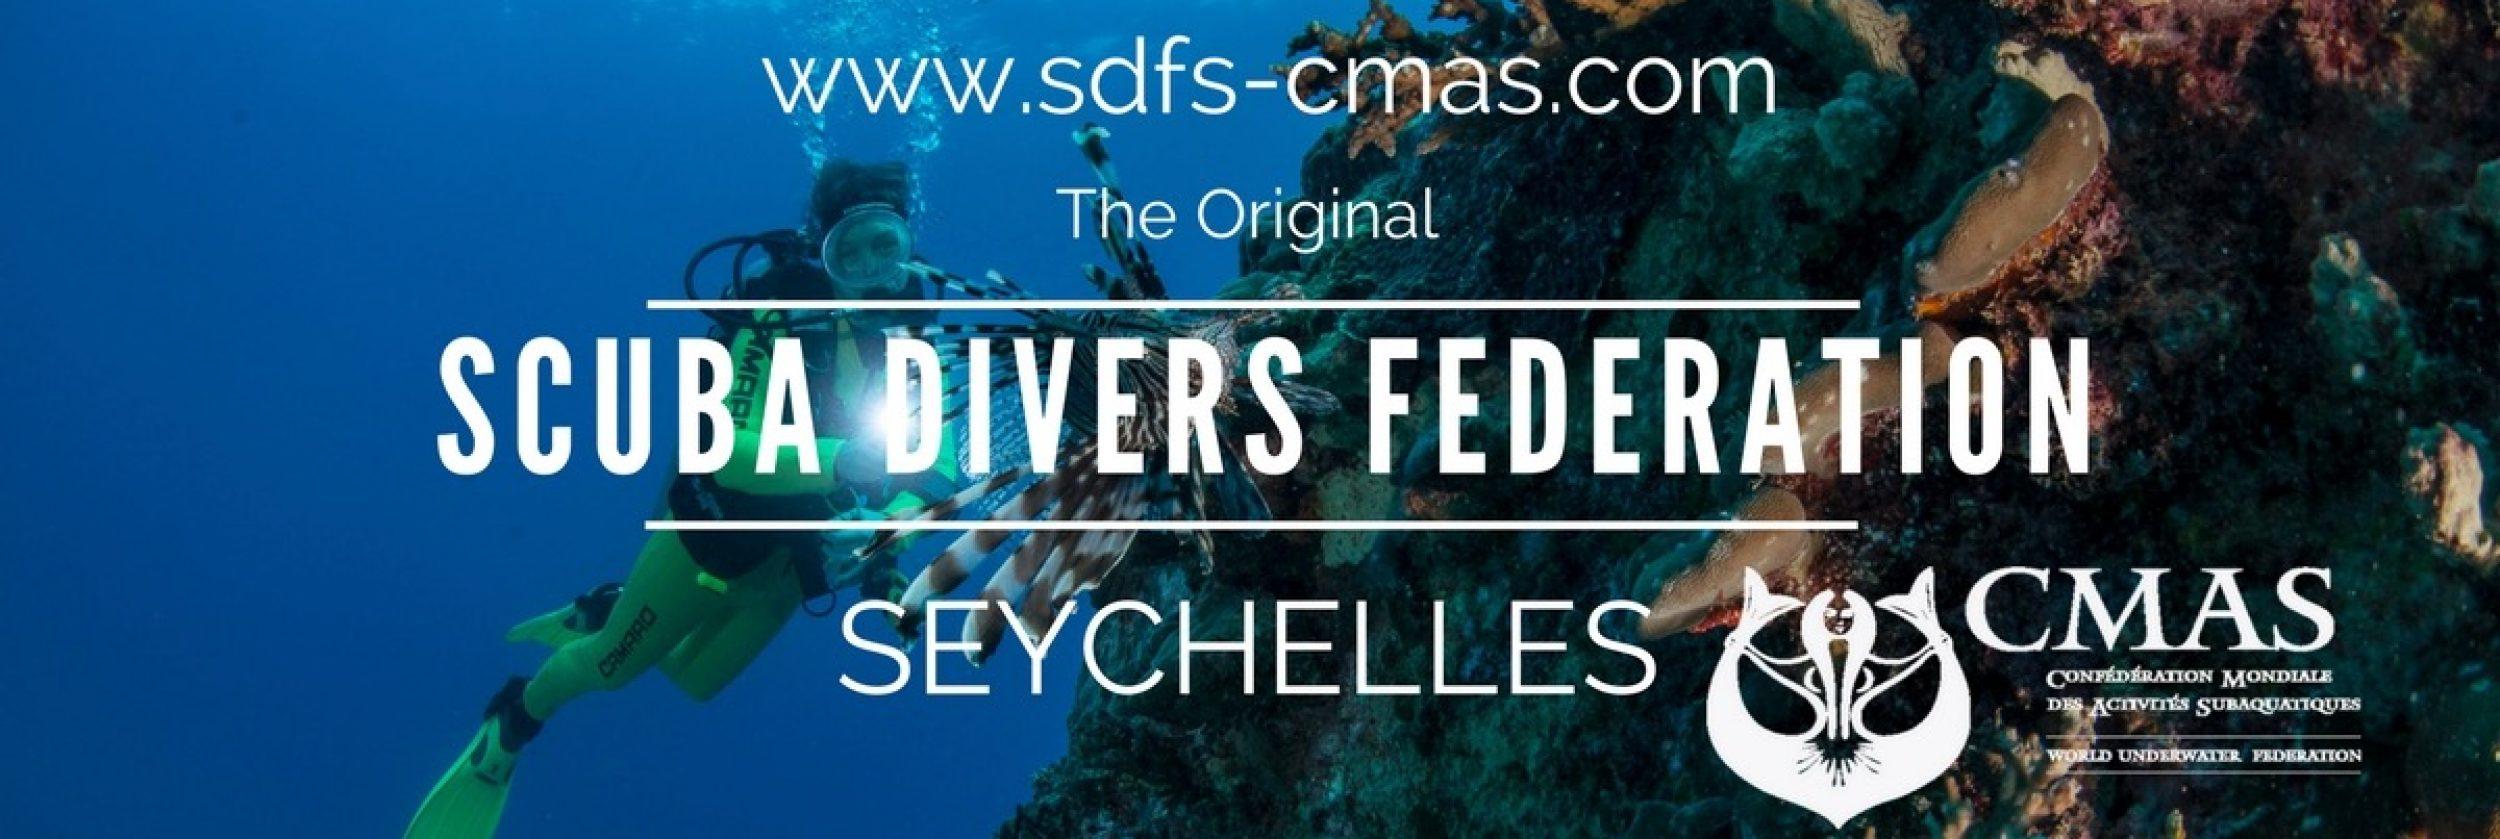 SDFS/CMAS